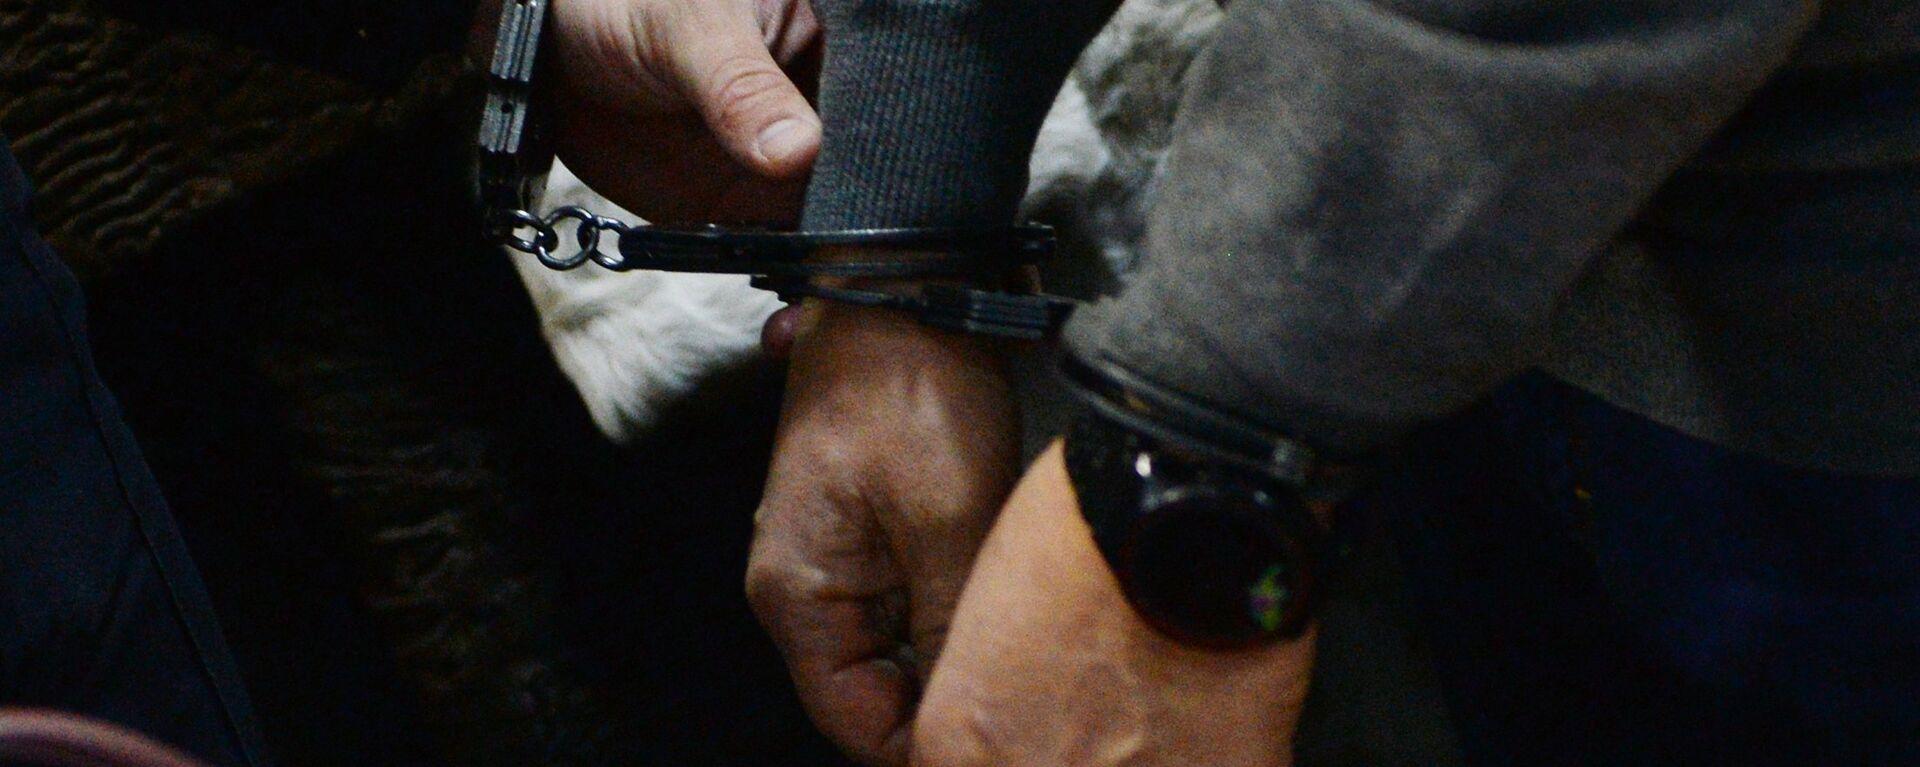 Приставы одевают наручники заключенному - Sputnik Грузия, 1920, 18.03.2020